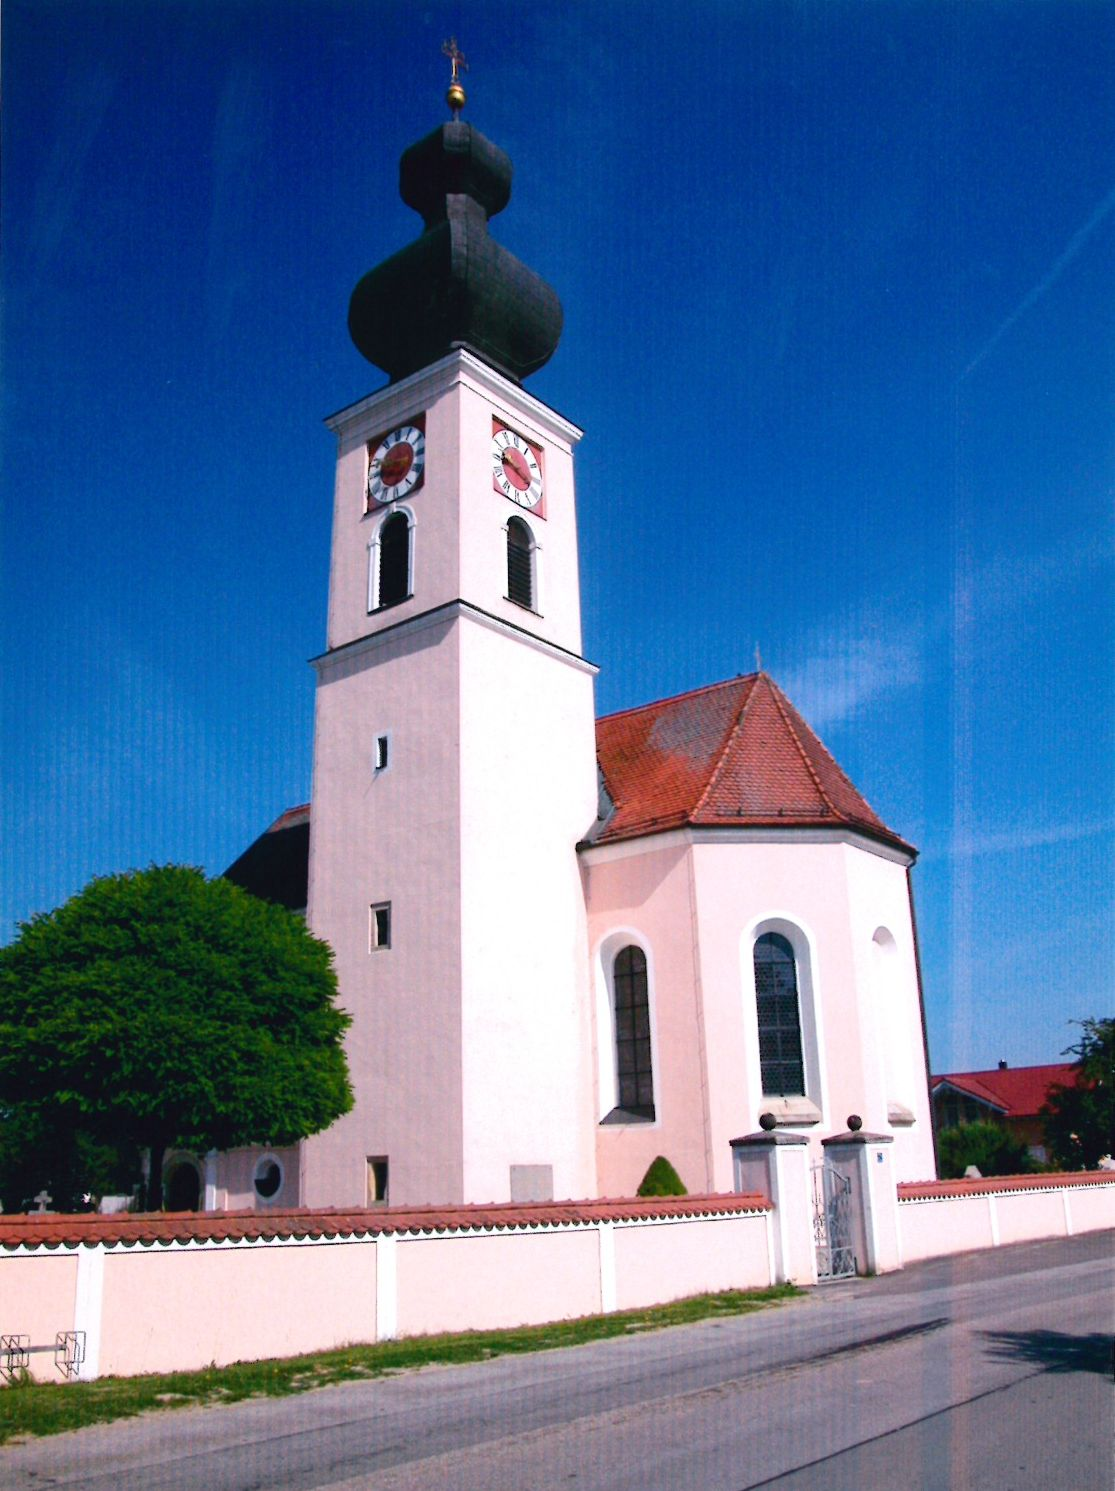 Pfarrkirche St. Thomas Aicha a. d. Donau